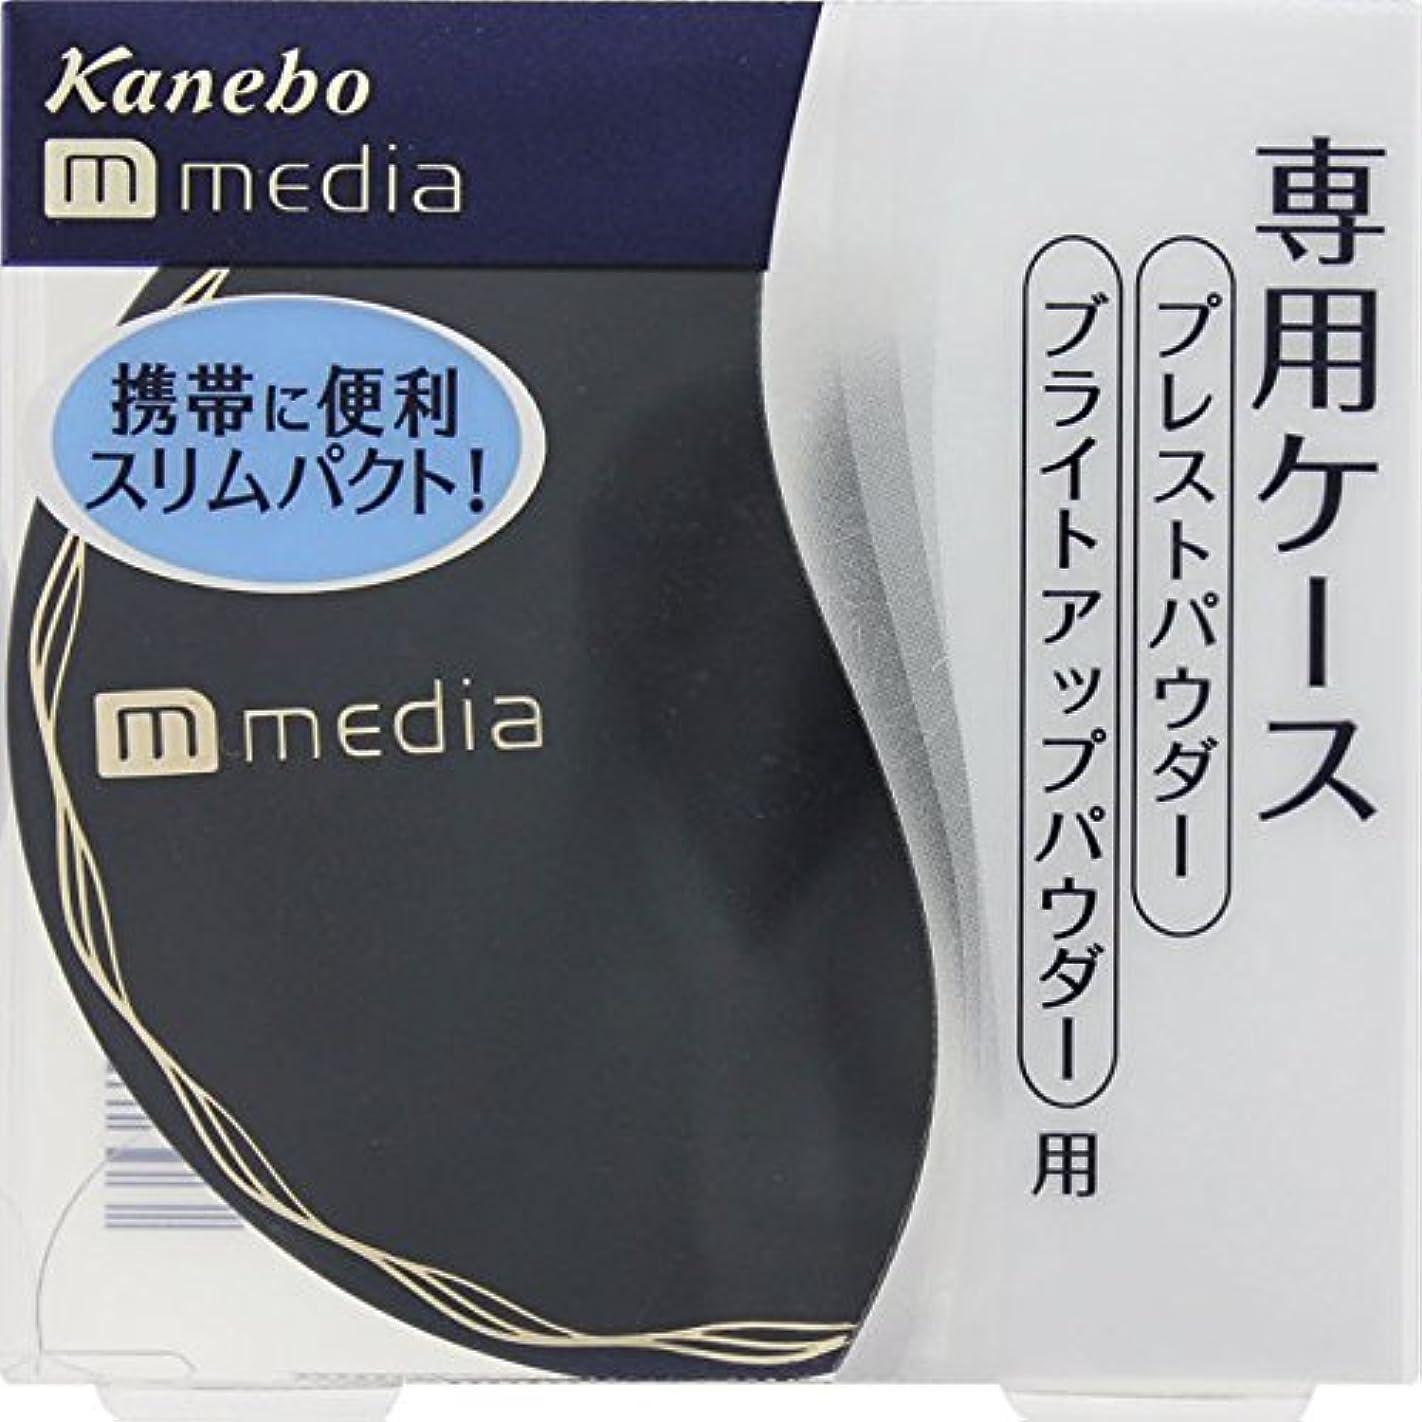 ロデオ課税女将カネボウ(Kanebo) メディア プレストパウダー用ケース